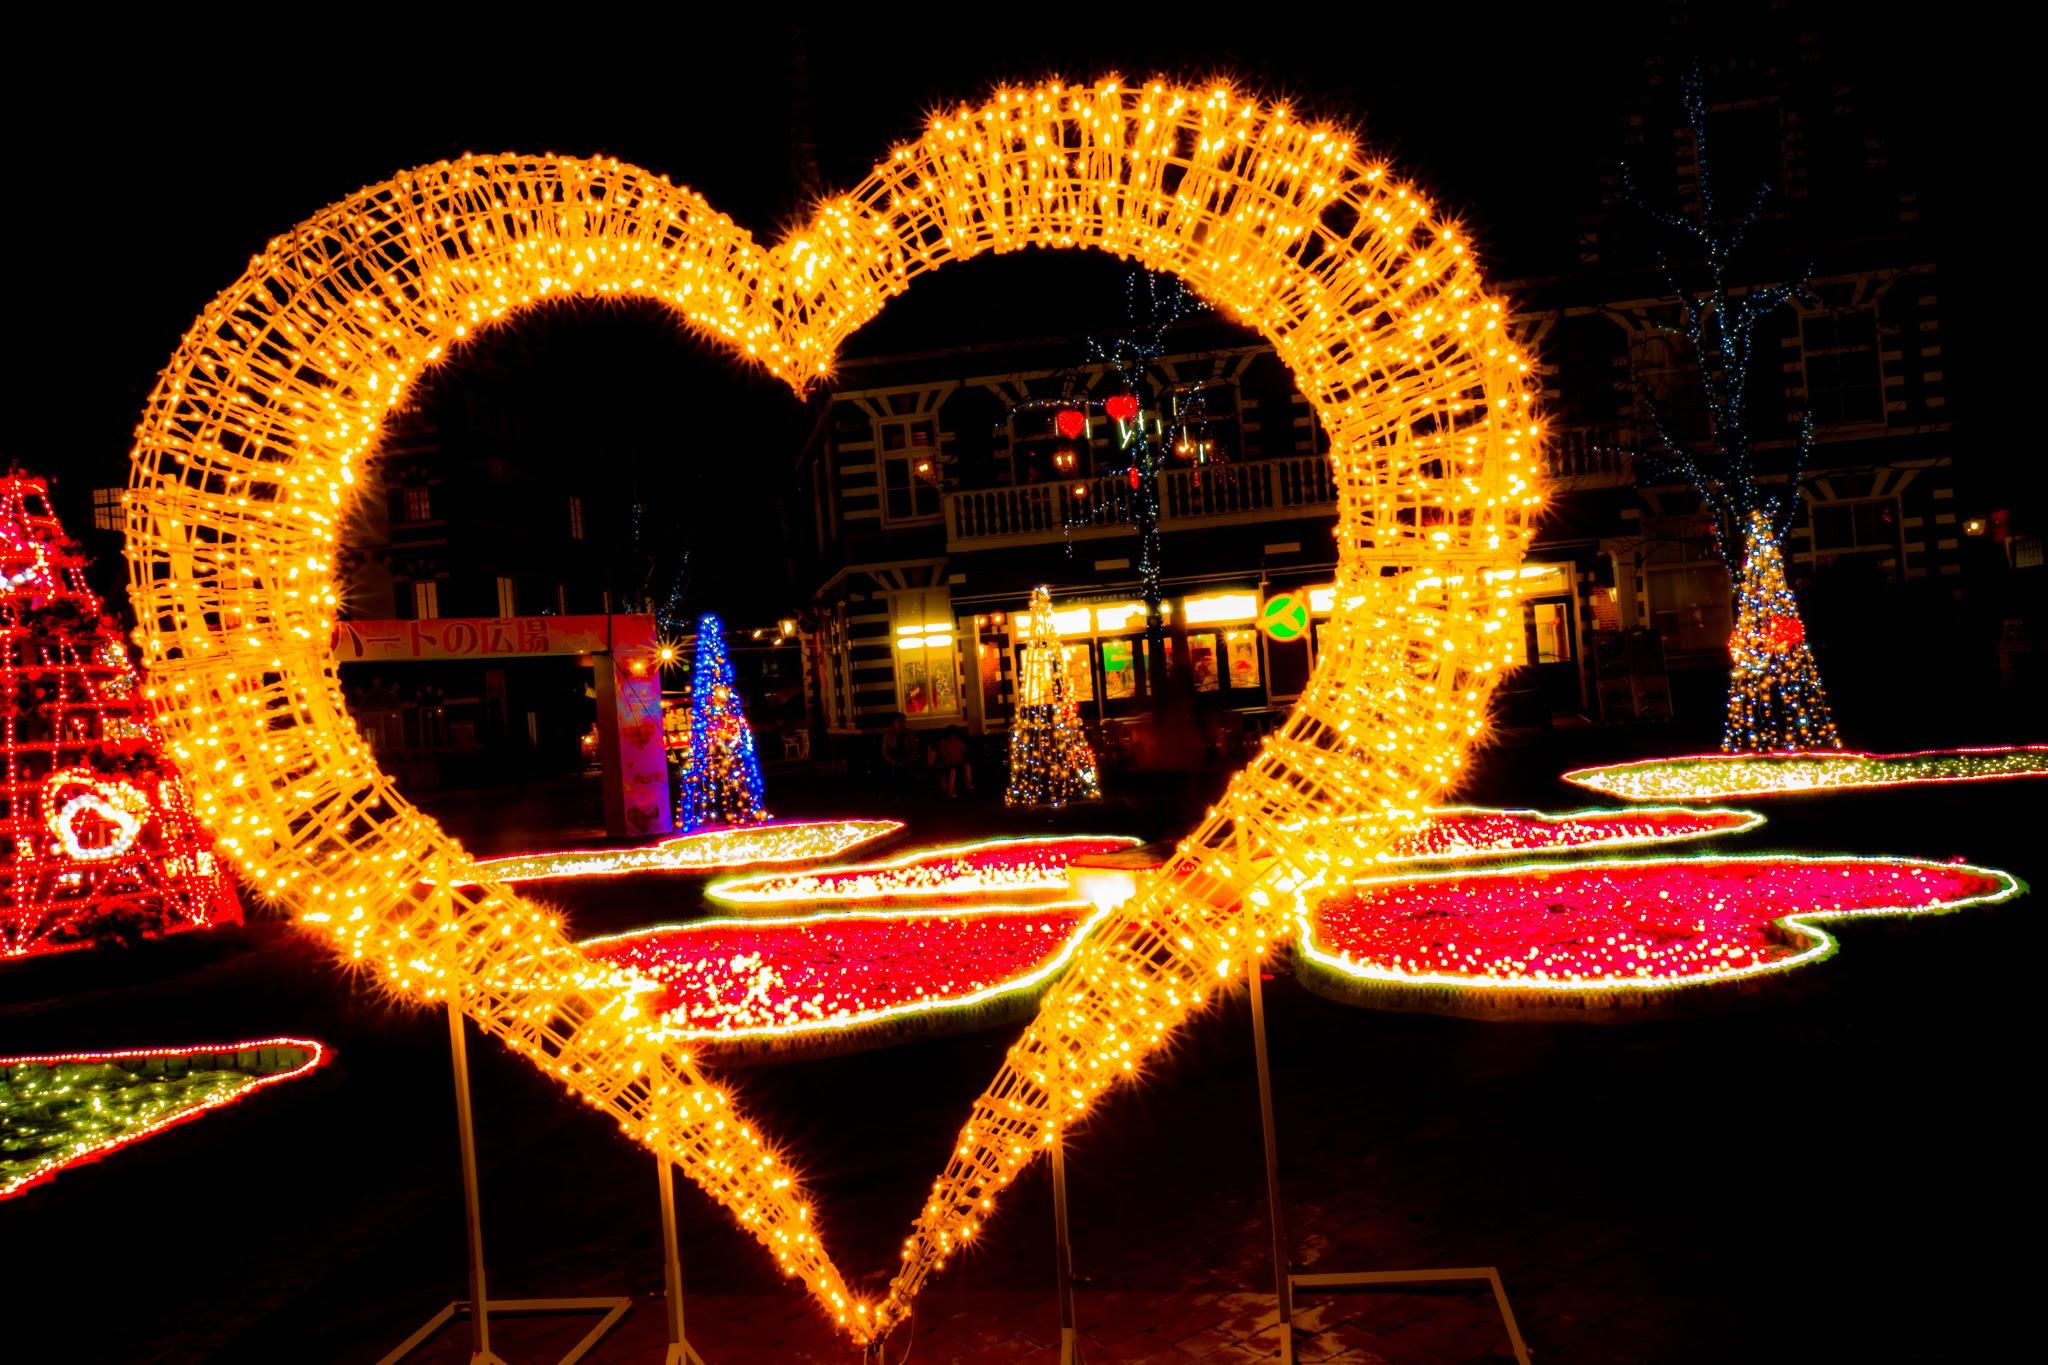 Huis Ten Bosch illumination Kingdom of light Heart square